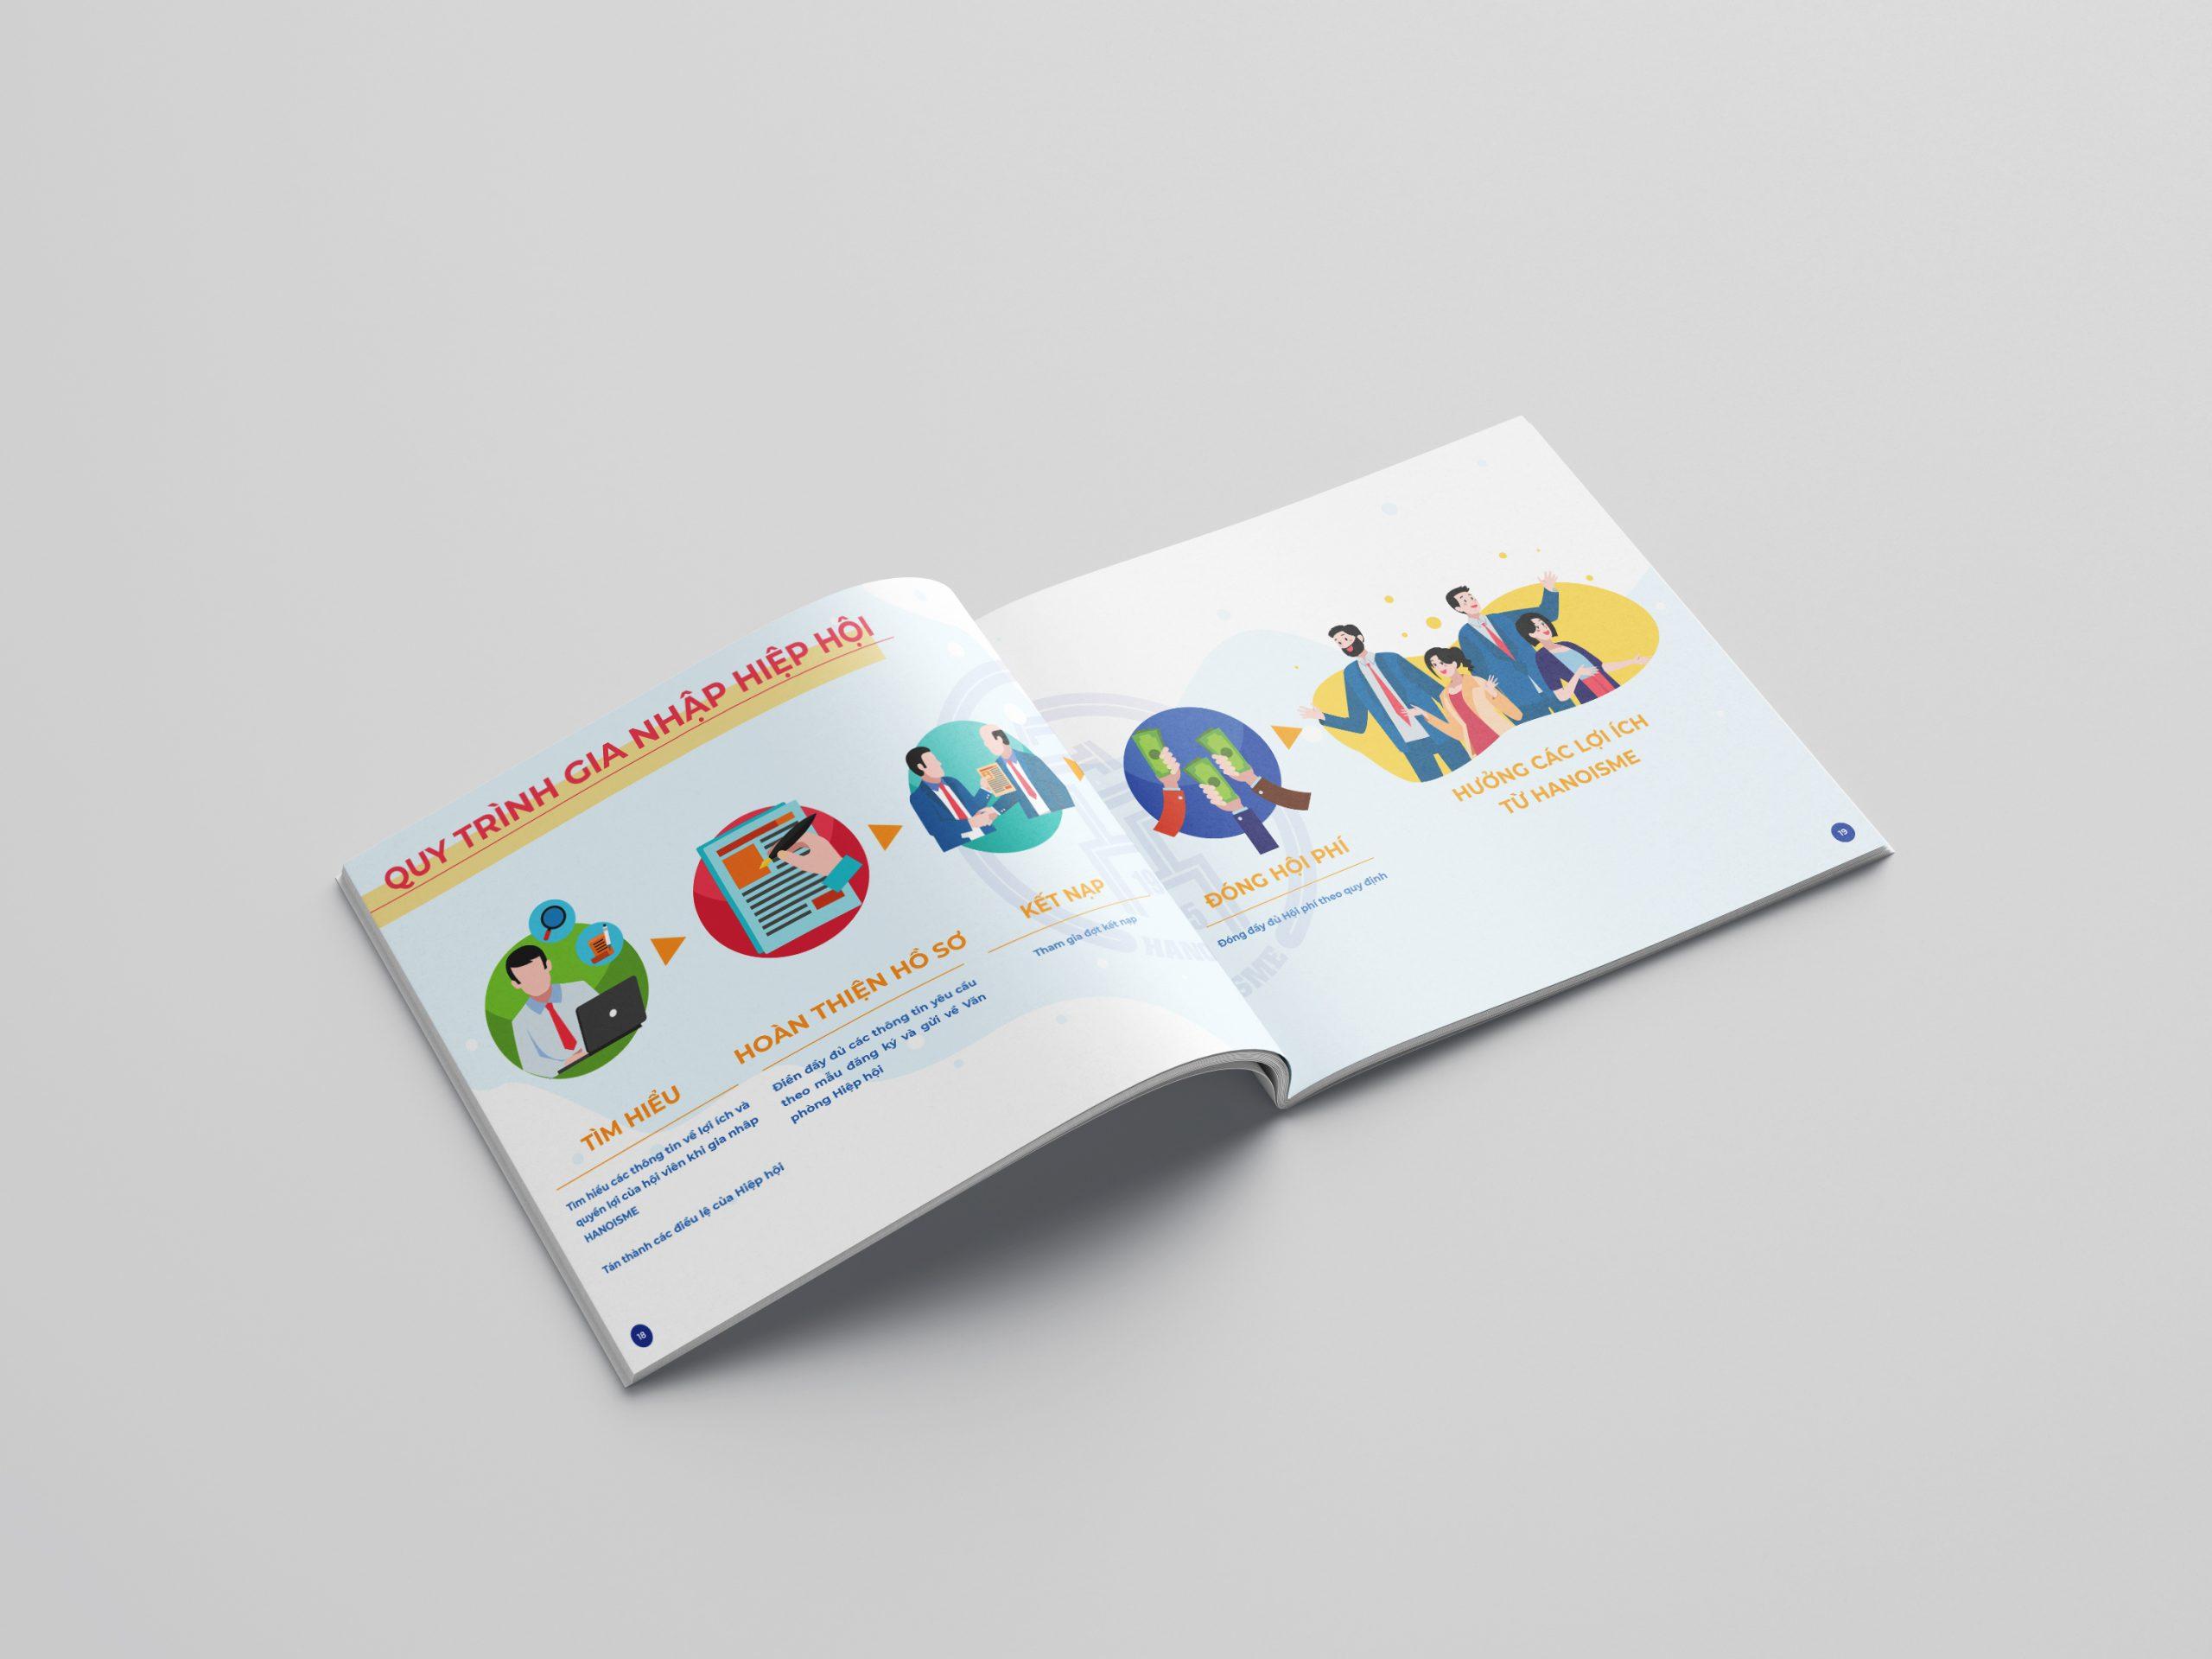 [Infographic] Brochure Hiệp hội doanh nghiệp nhỏ và vừa Hà Nội